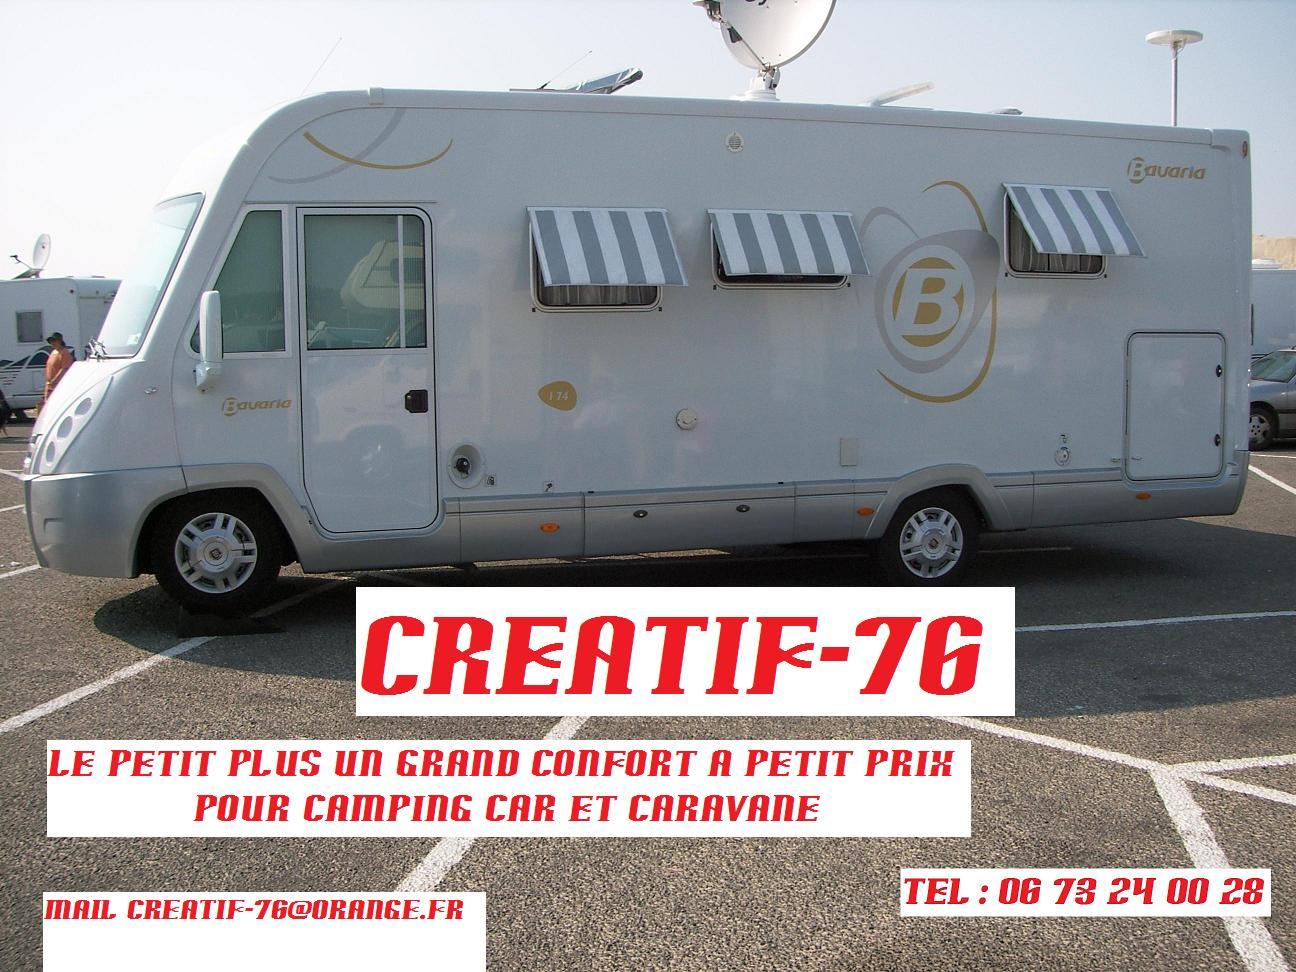 Stores,Volets,Isotherme,Camping Car ,Caravane intérieur Rideau Isotherme Exterieur Camping Car